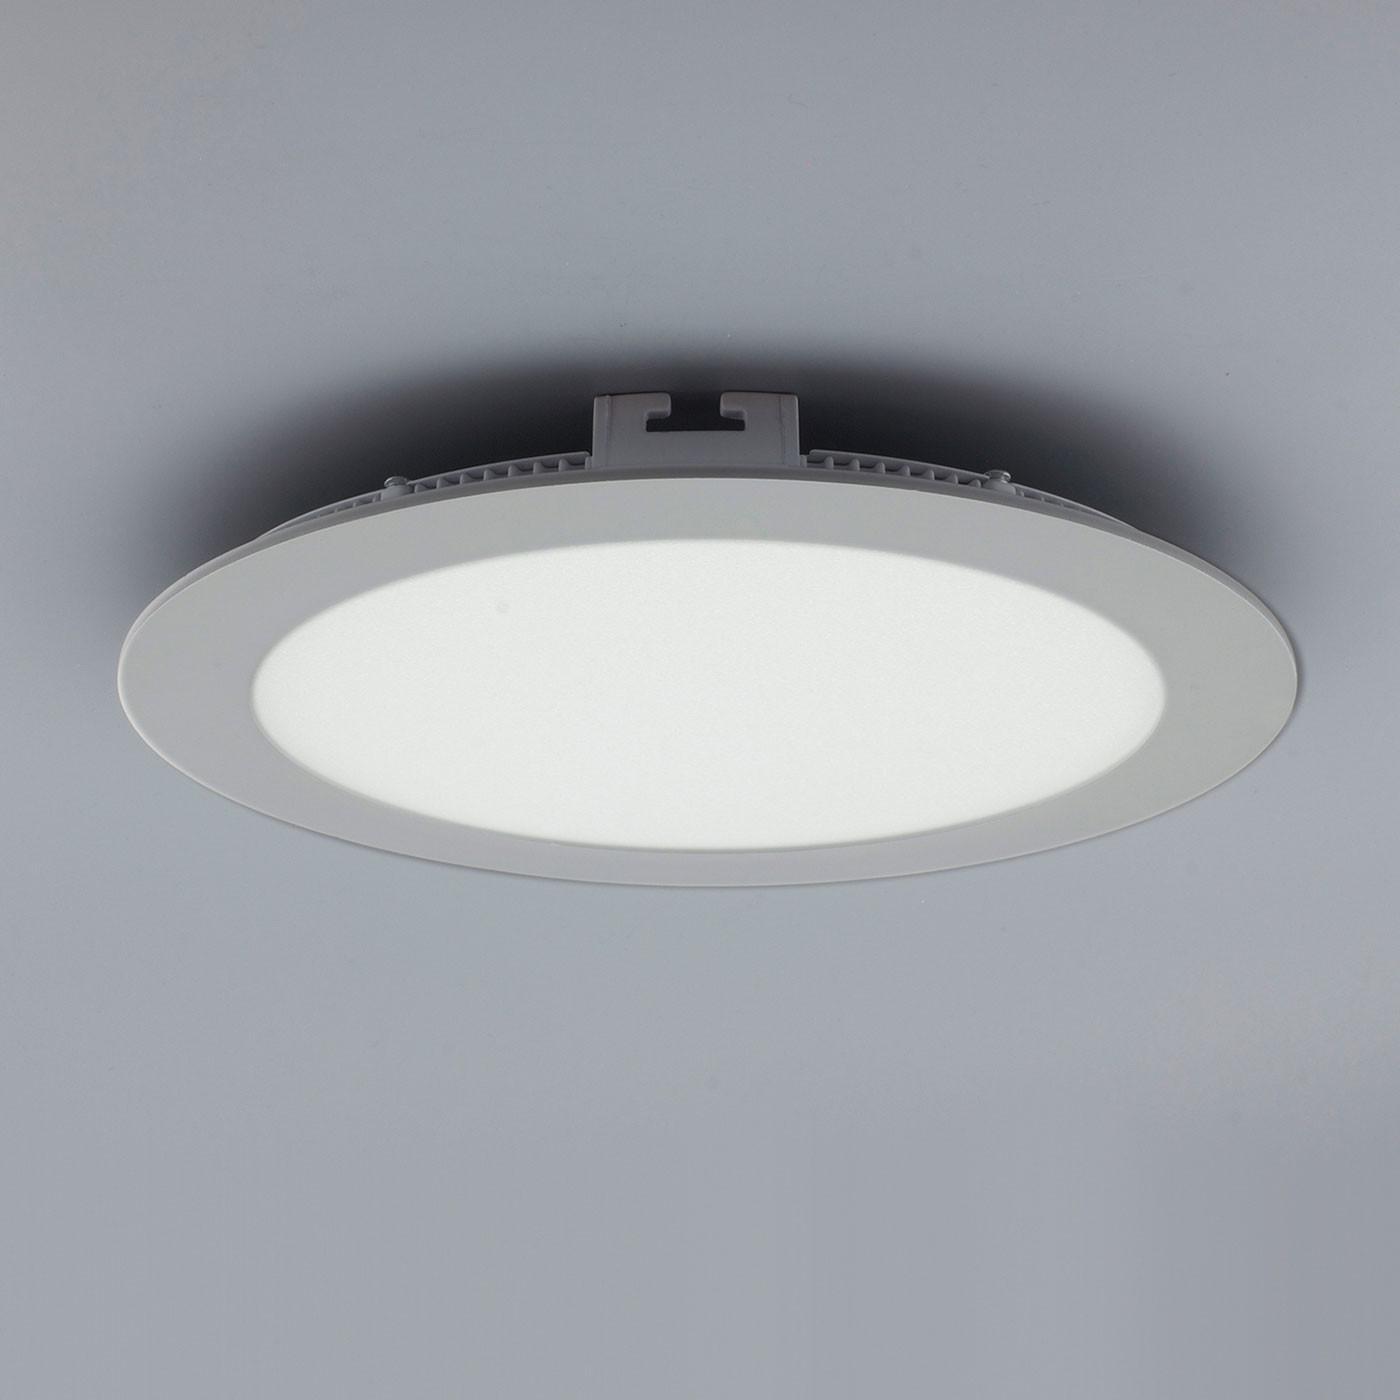 licht design 30804 einbau led panel 2140 lumen 30 cm kalt silber kaufen bei licht. Black Bedroom Furniture Sets. Home Design Ideas